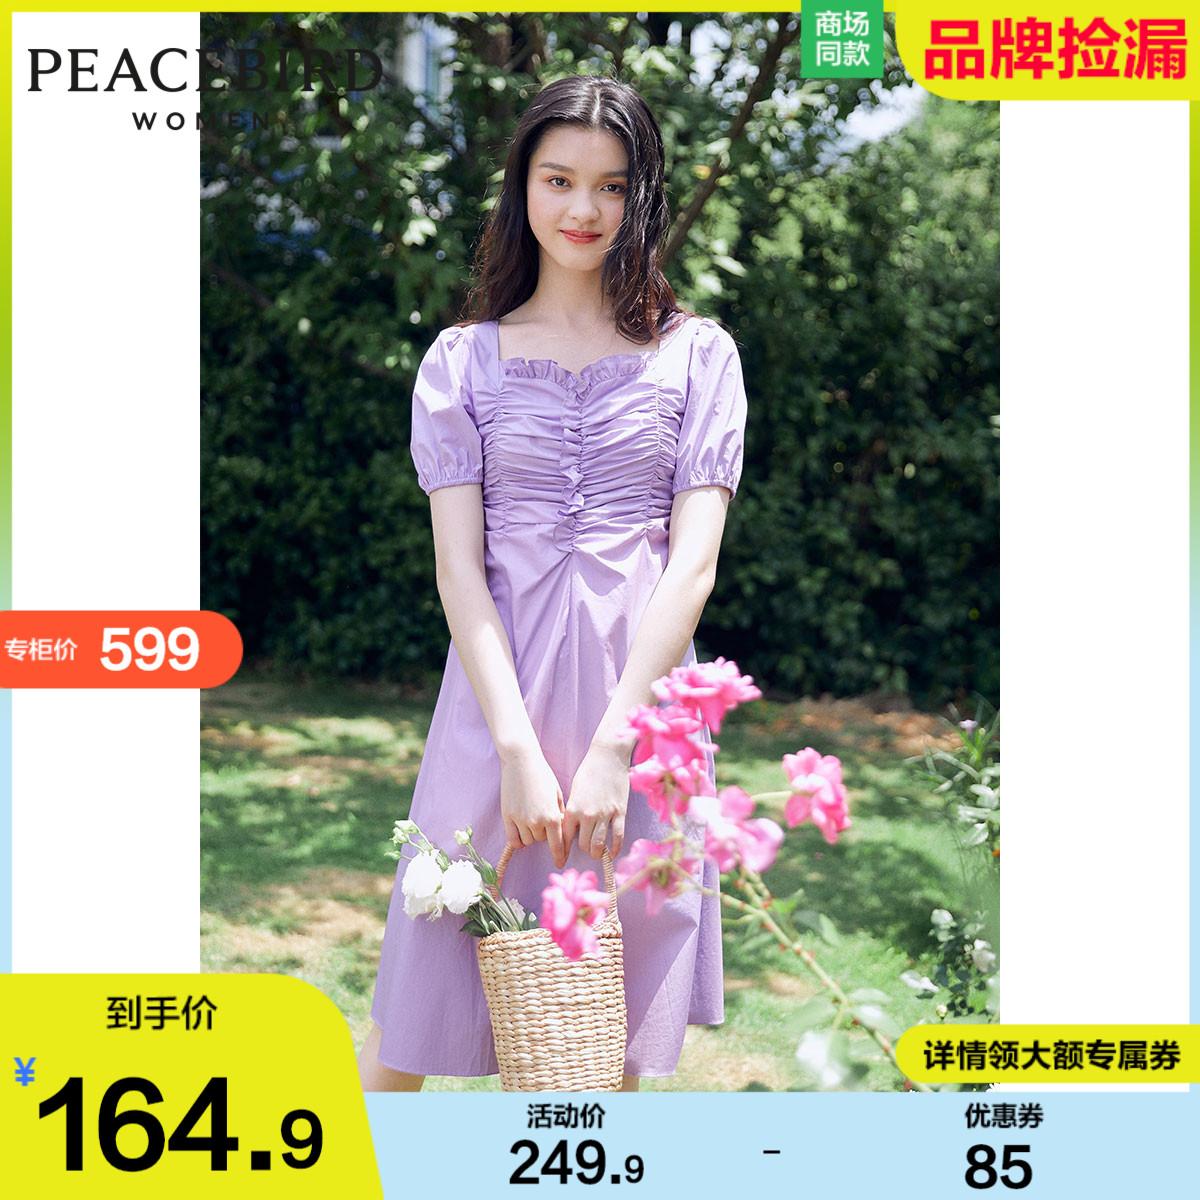 紫色连衣裙 太平鸟紫色法式复古连衣裙女2021夏装新款泡泡袖长裙收腰显瘦裙子_推荐淘宝好看的紫色连衣裙